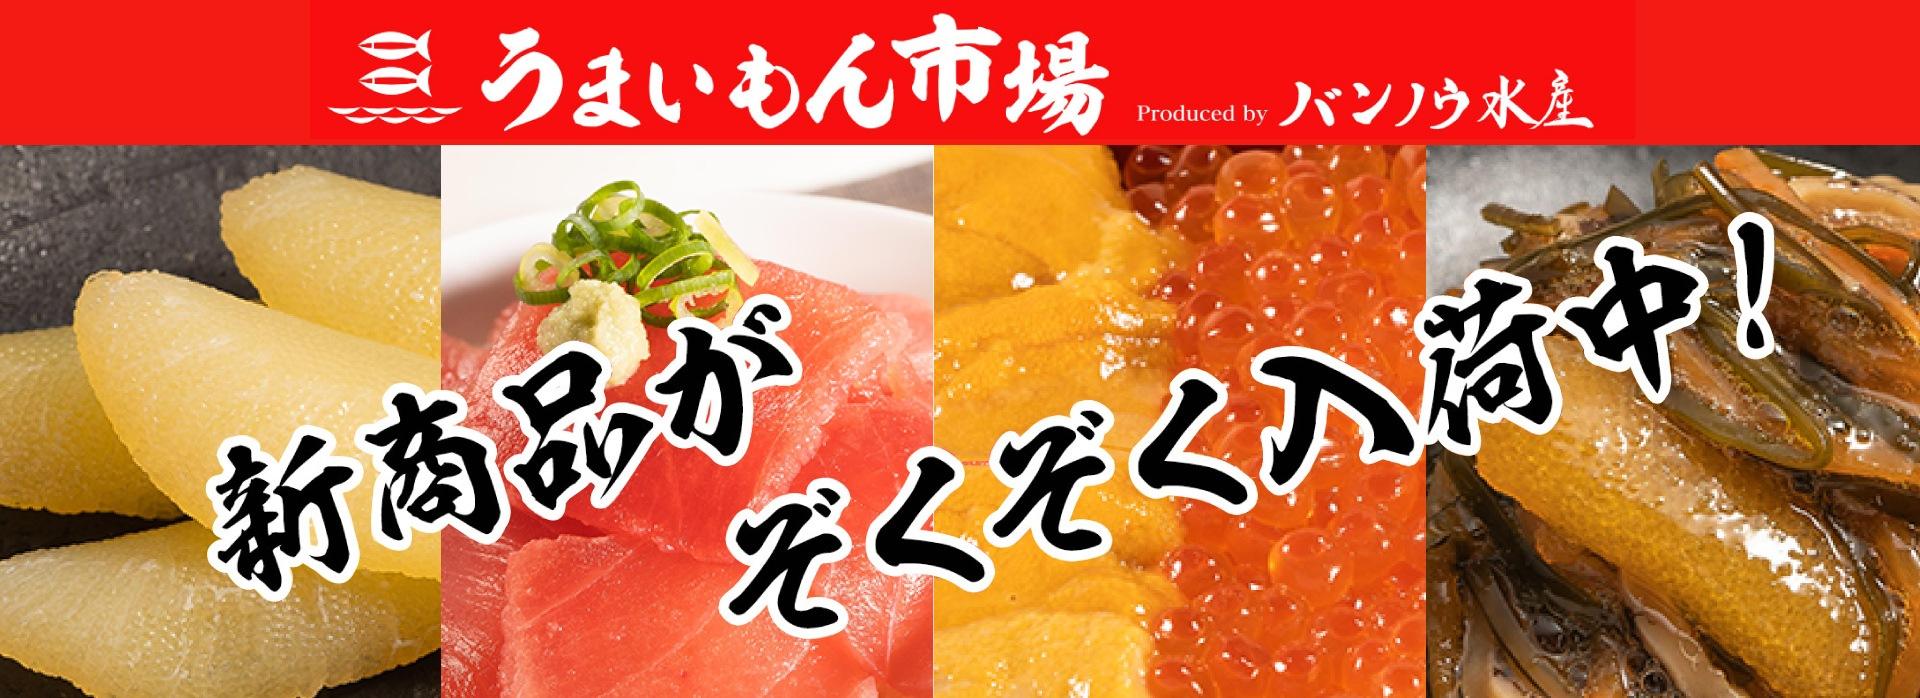 大好評!かっぱ寿司ネットショップ